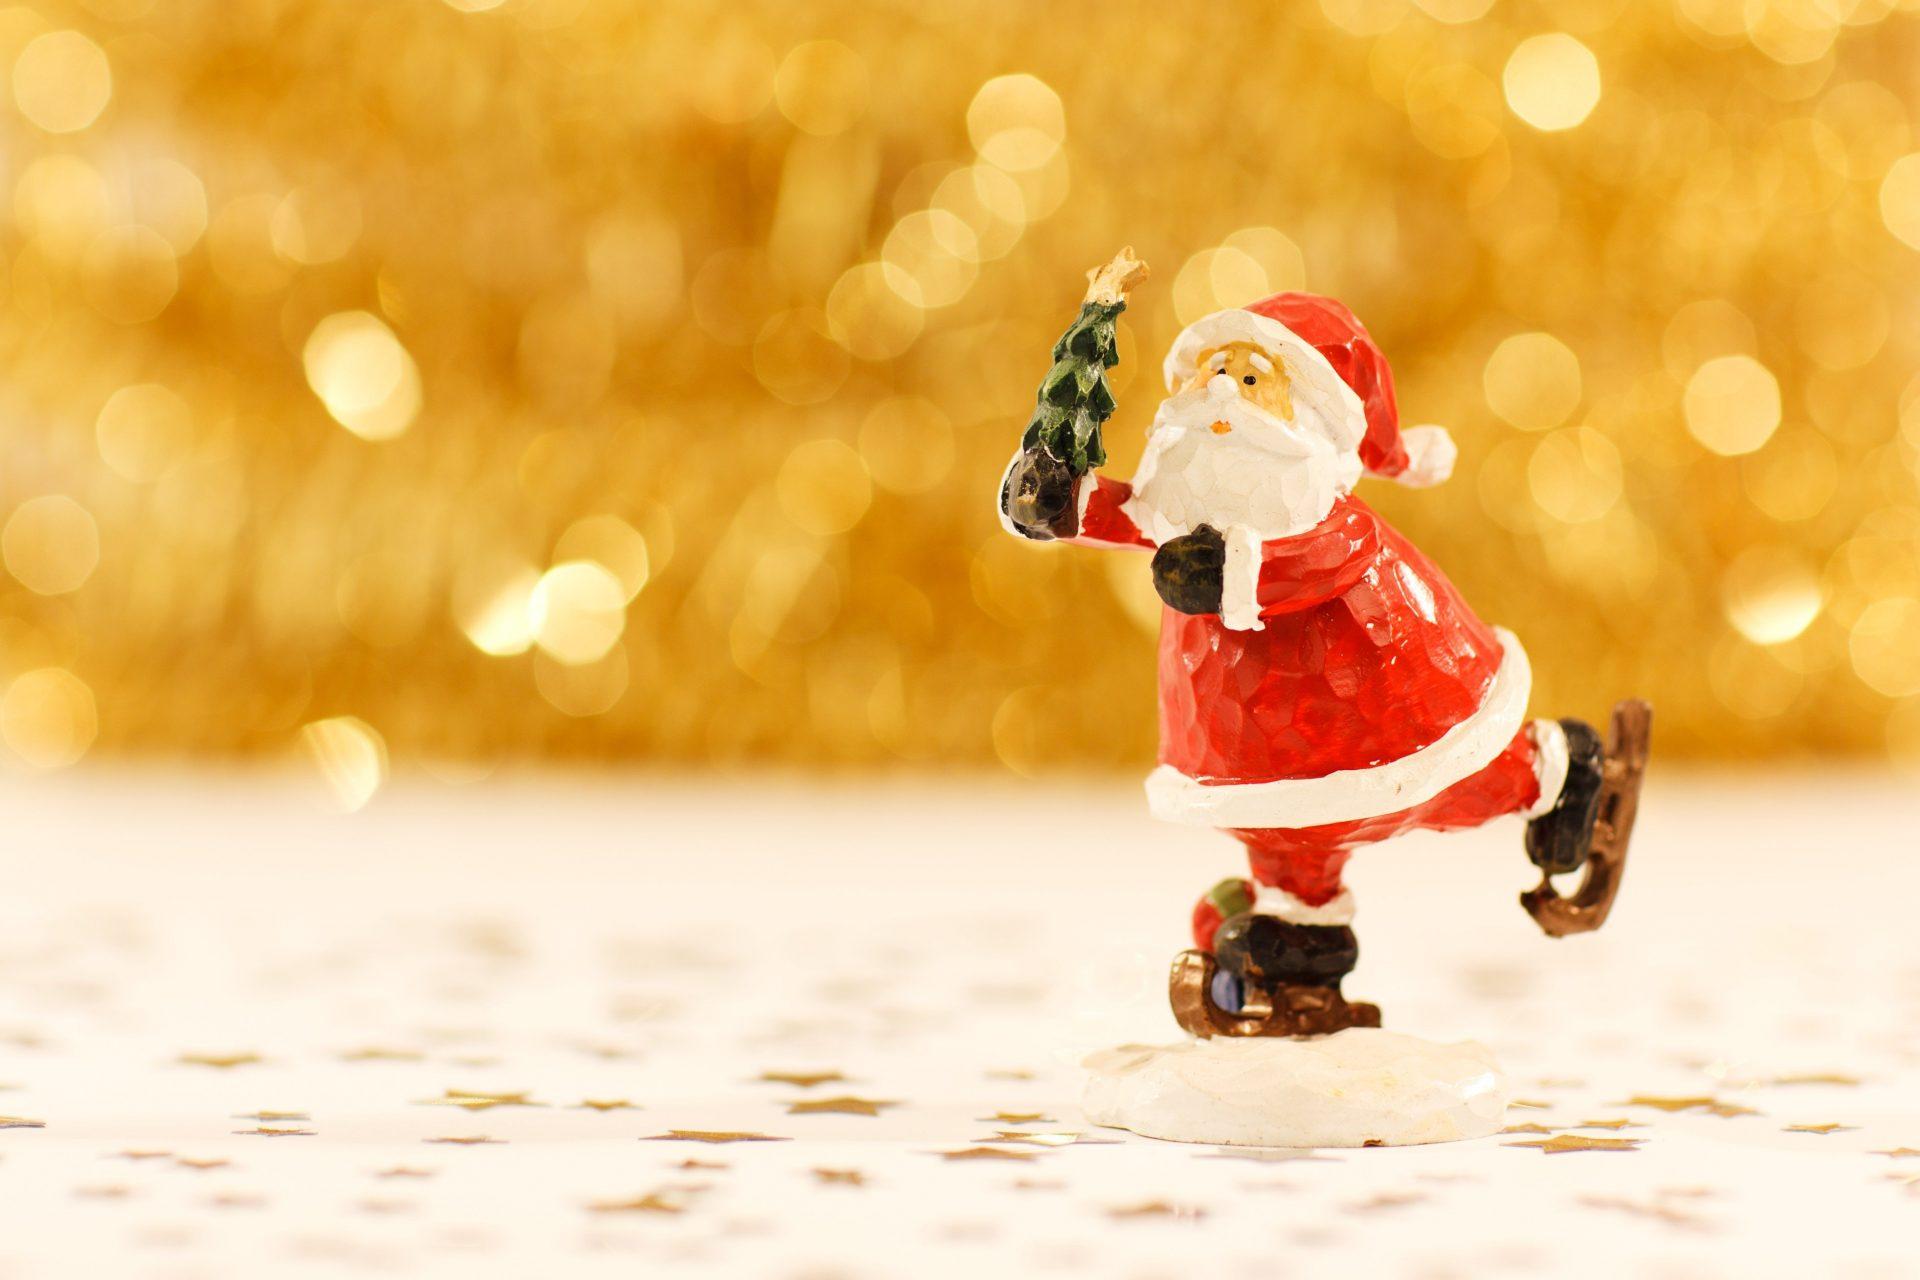 A Natale siamo tutti più veloci.